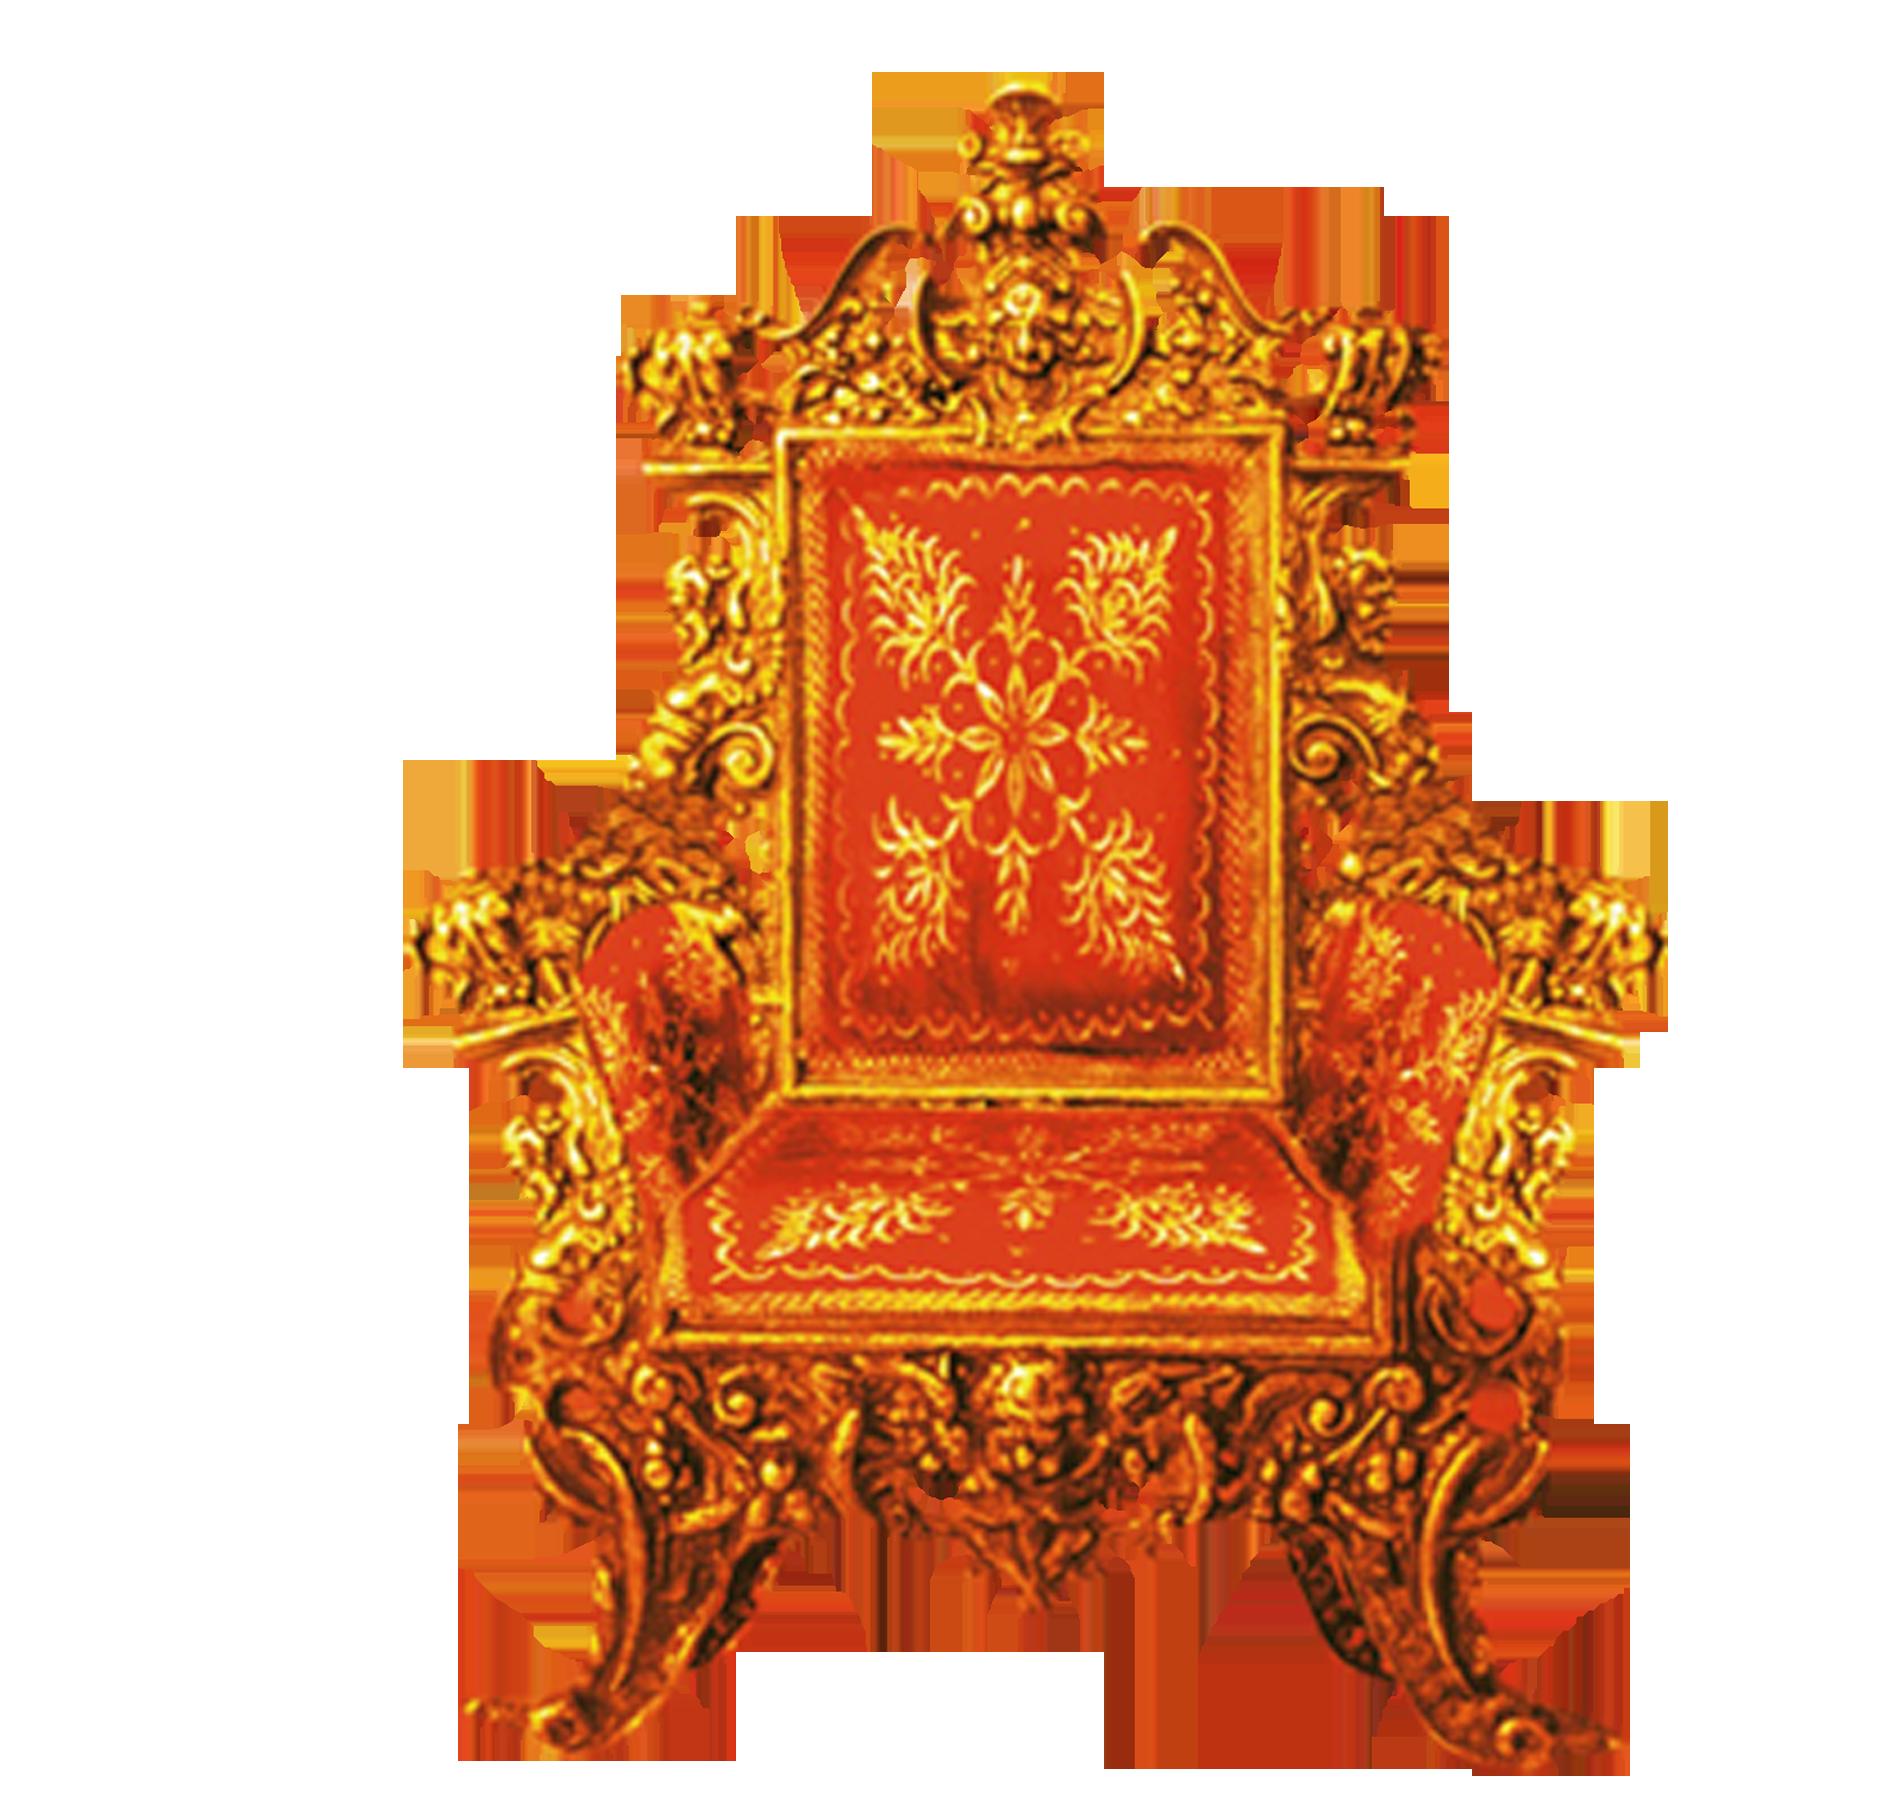 королевский трон гифка вообще